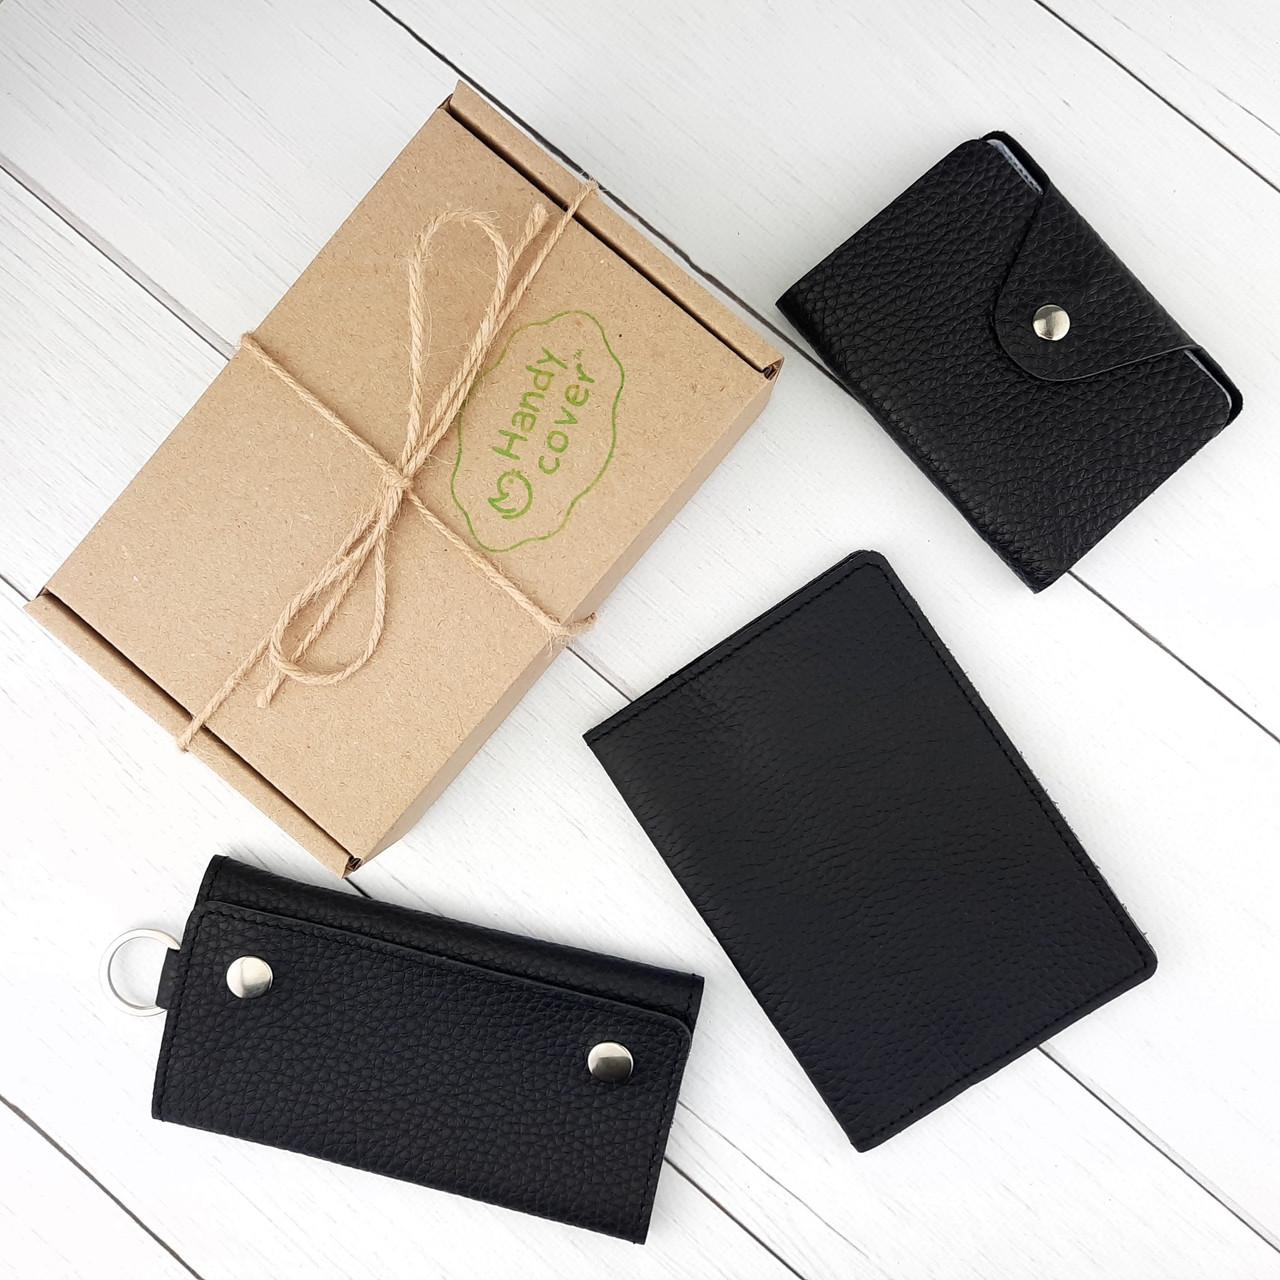 Подарунковий набір №29: Обкладинка на паспорт + ключниця + візитниця (чорний флотар)